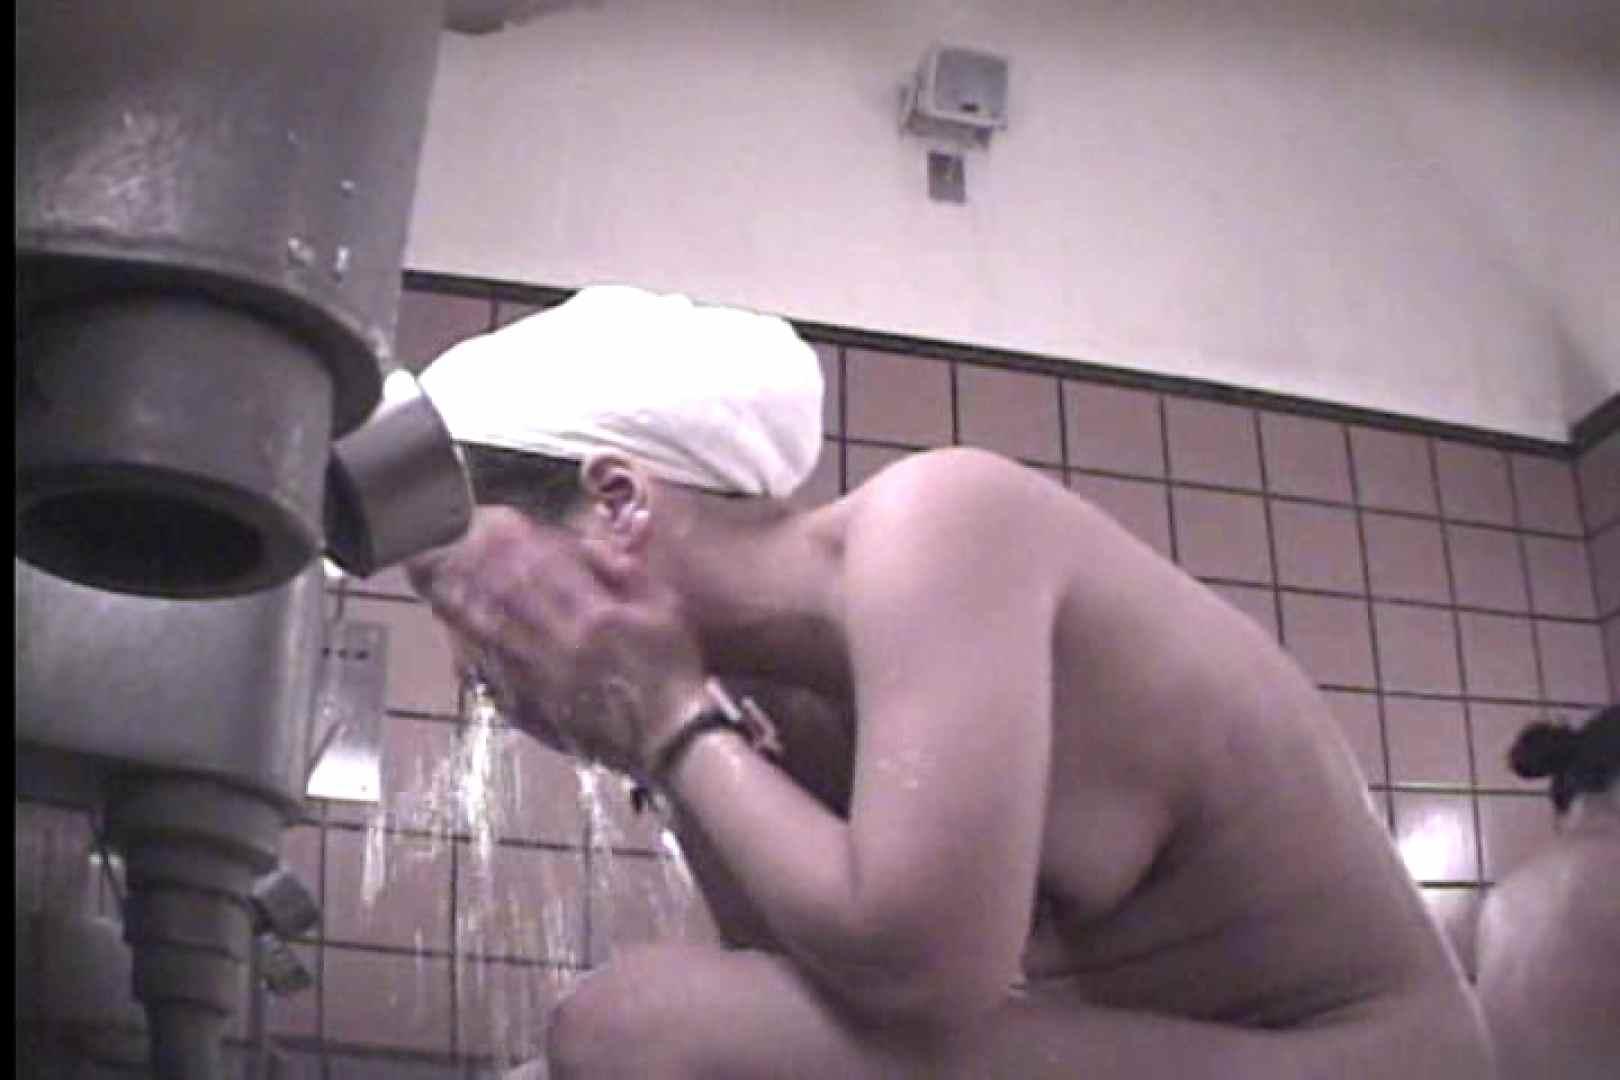 潜入女風呂 がっかり編Vol.1 女子風呂  75枚 20